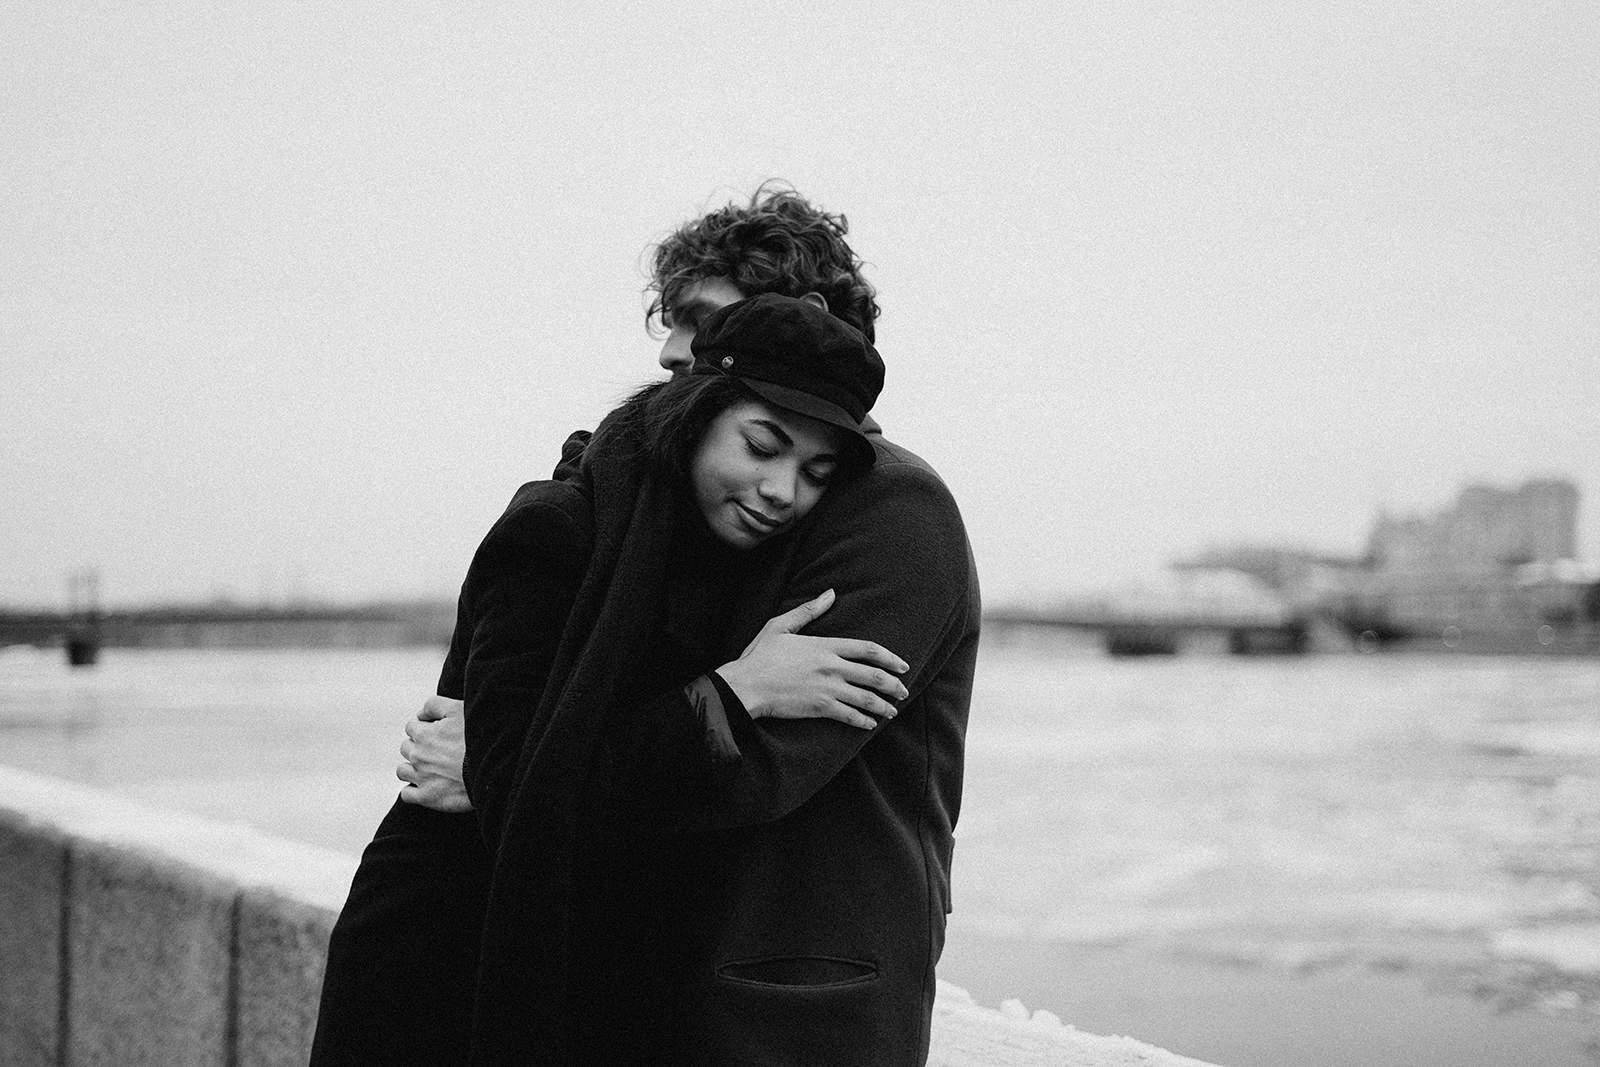 Ein Mann und eine Frau umarmen sich, während sie in der Nähe des Flusses stehen